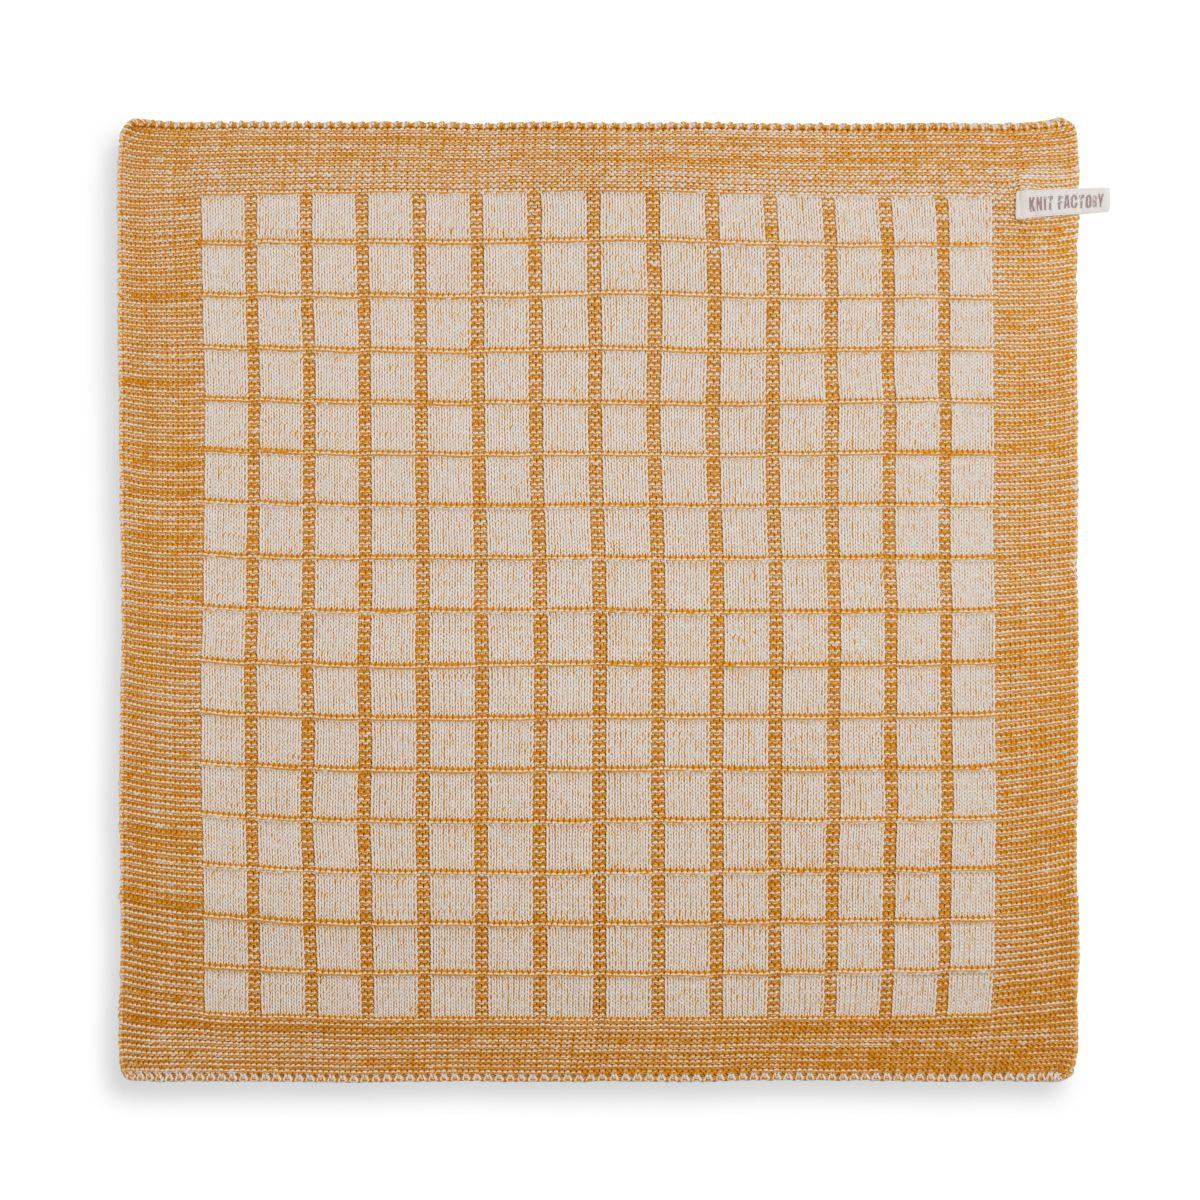 knit factory 2170081 keukendoek alice ecru oker